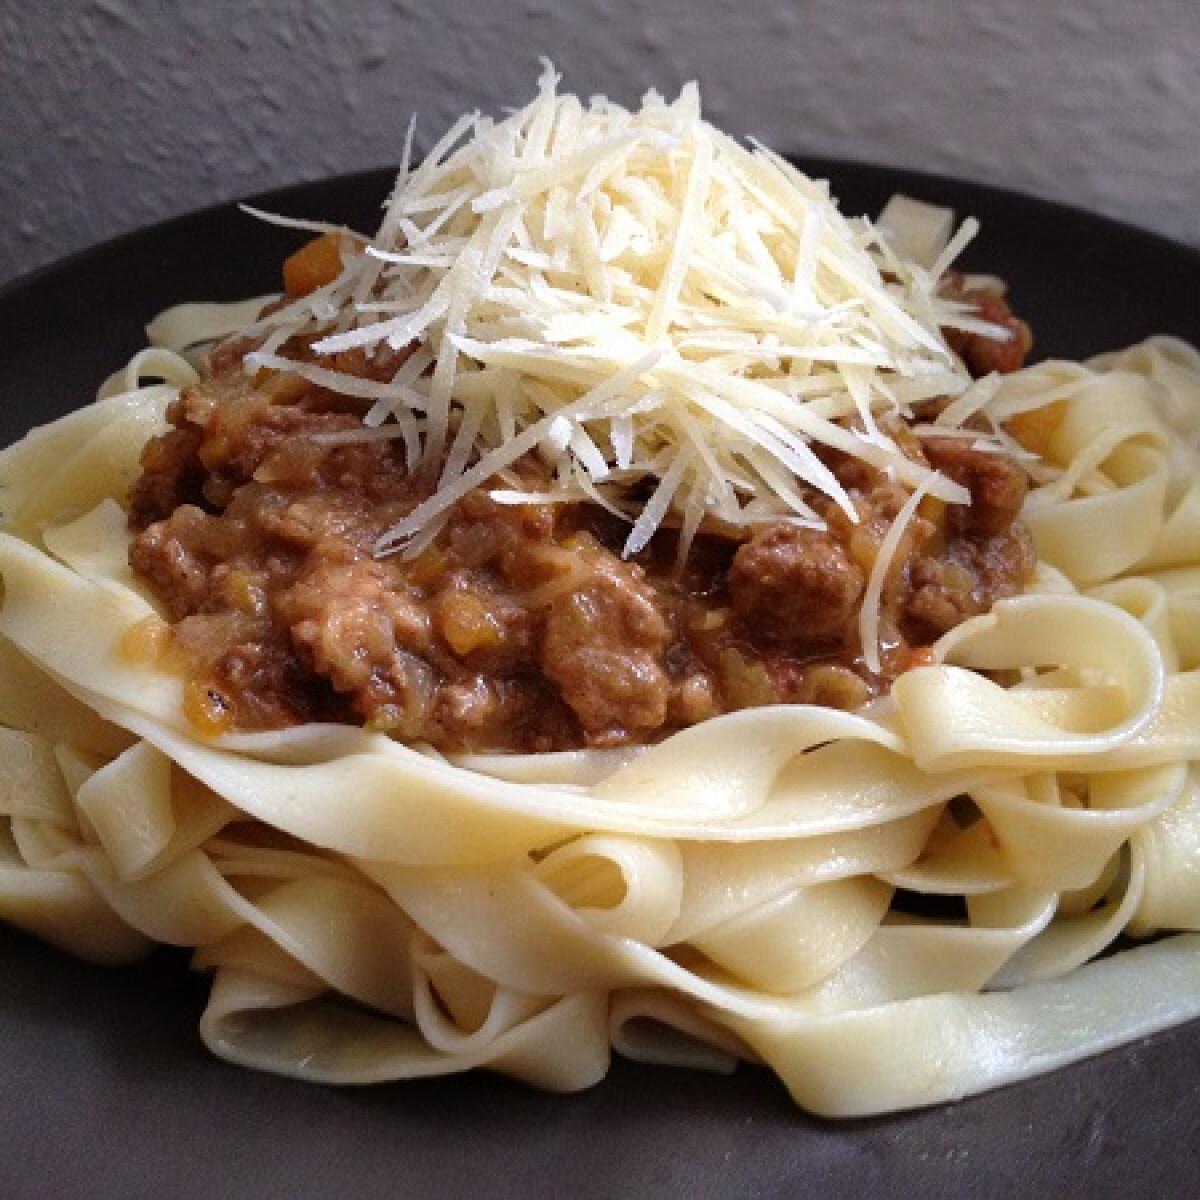 Ezen a képen: Bolognai spagetti Heston Blumenthal-tól